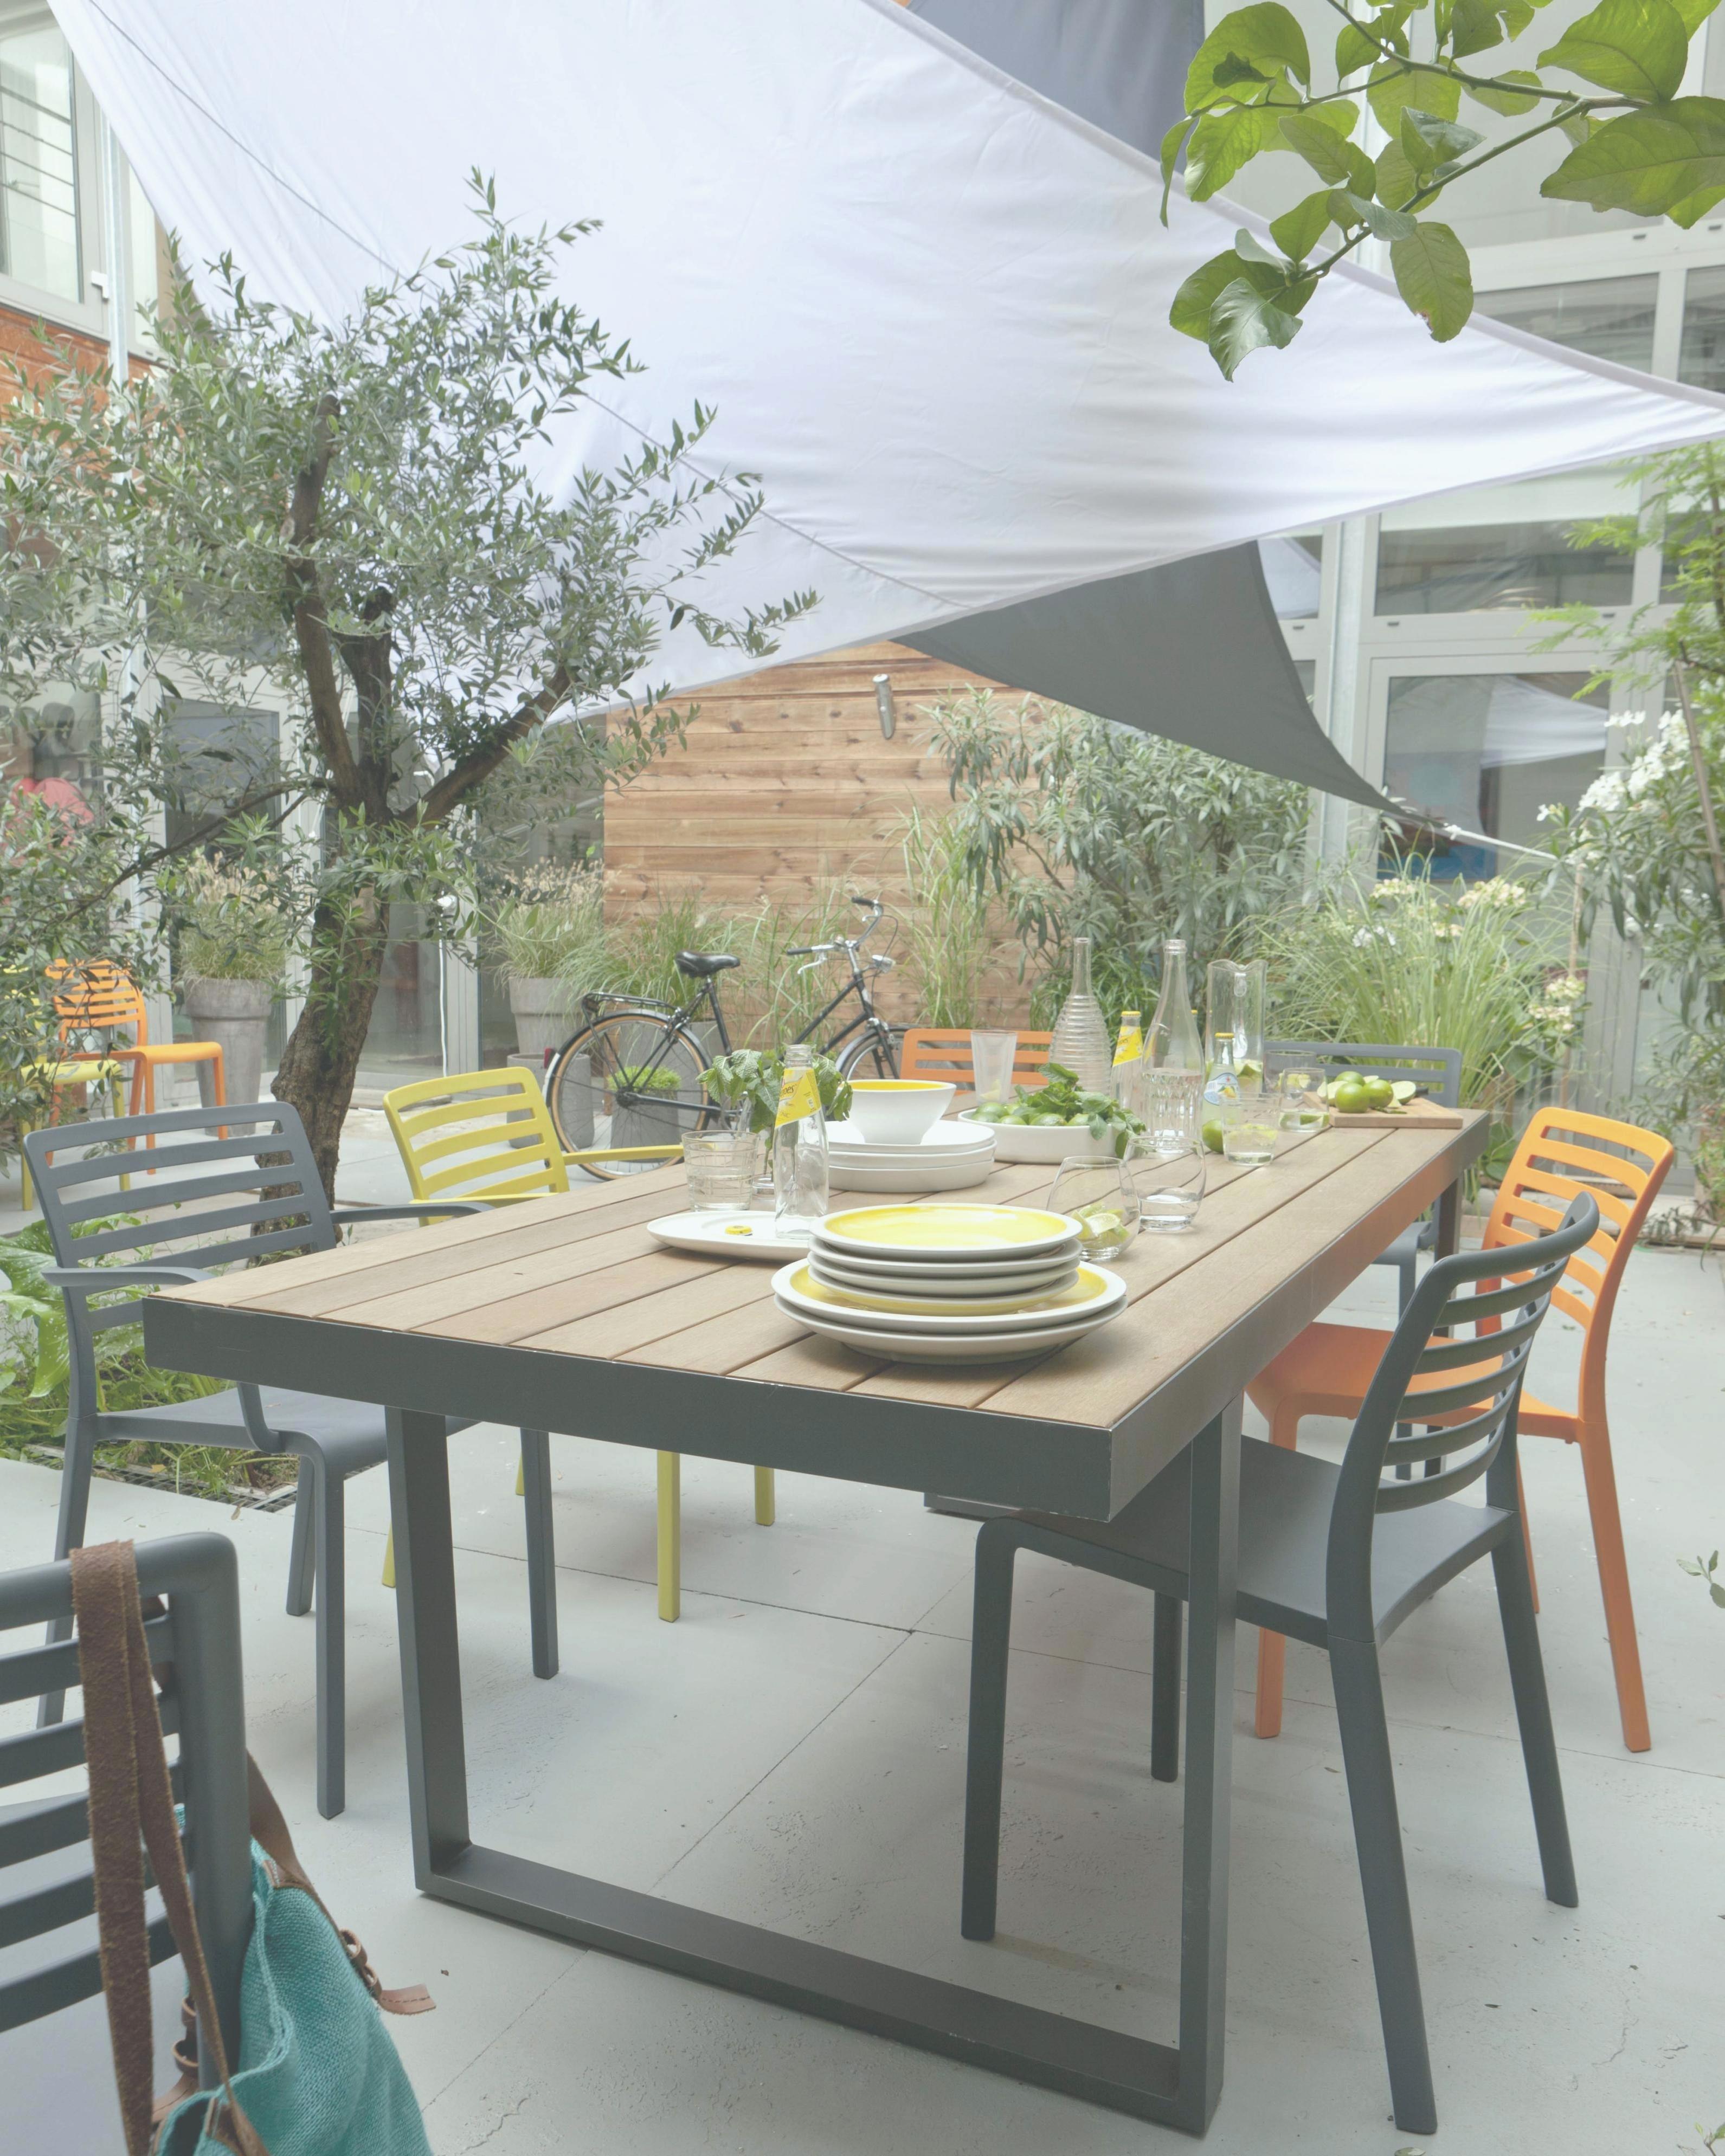 Chilienne Avec Repose Pieds Castorama Beau Images Le Plus Considérable Fauteuil Transat Jardin Conception – Sullivanmaxx